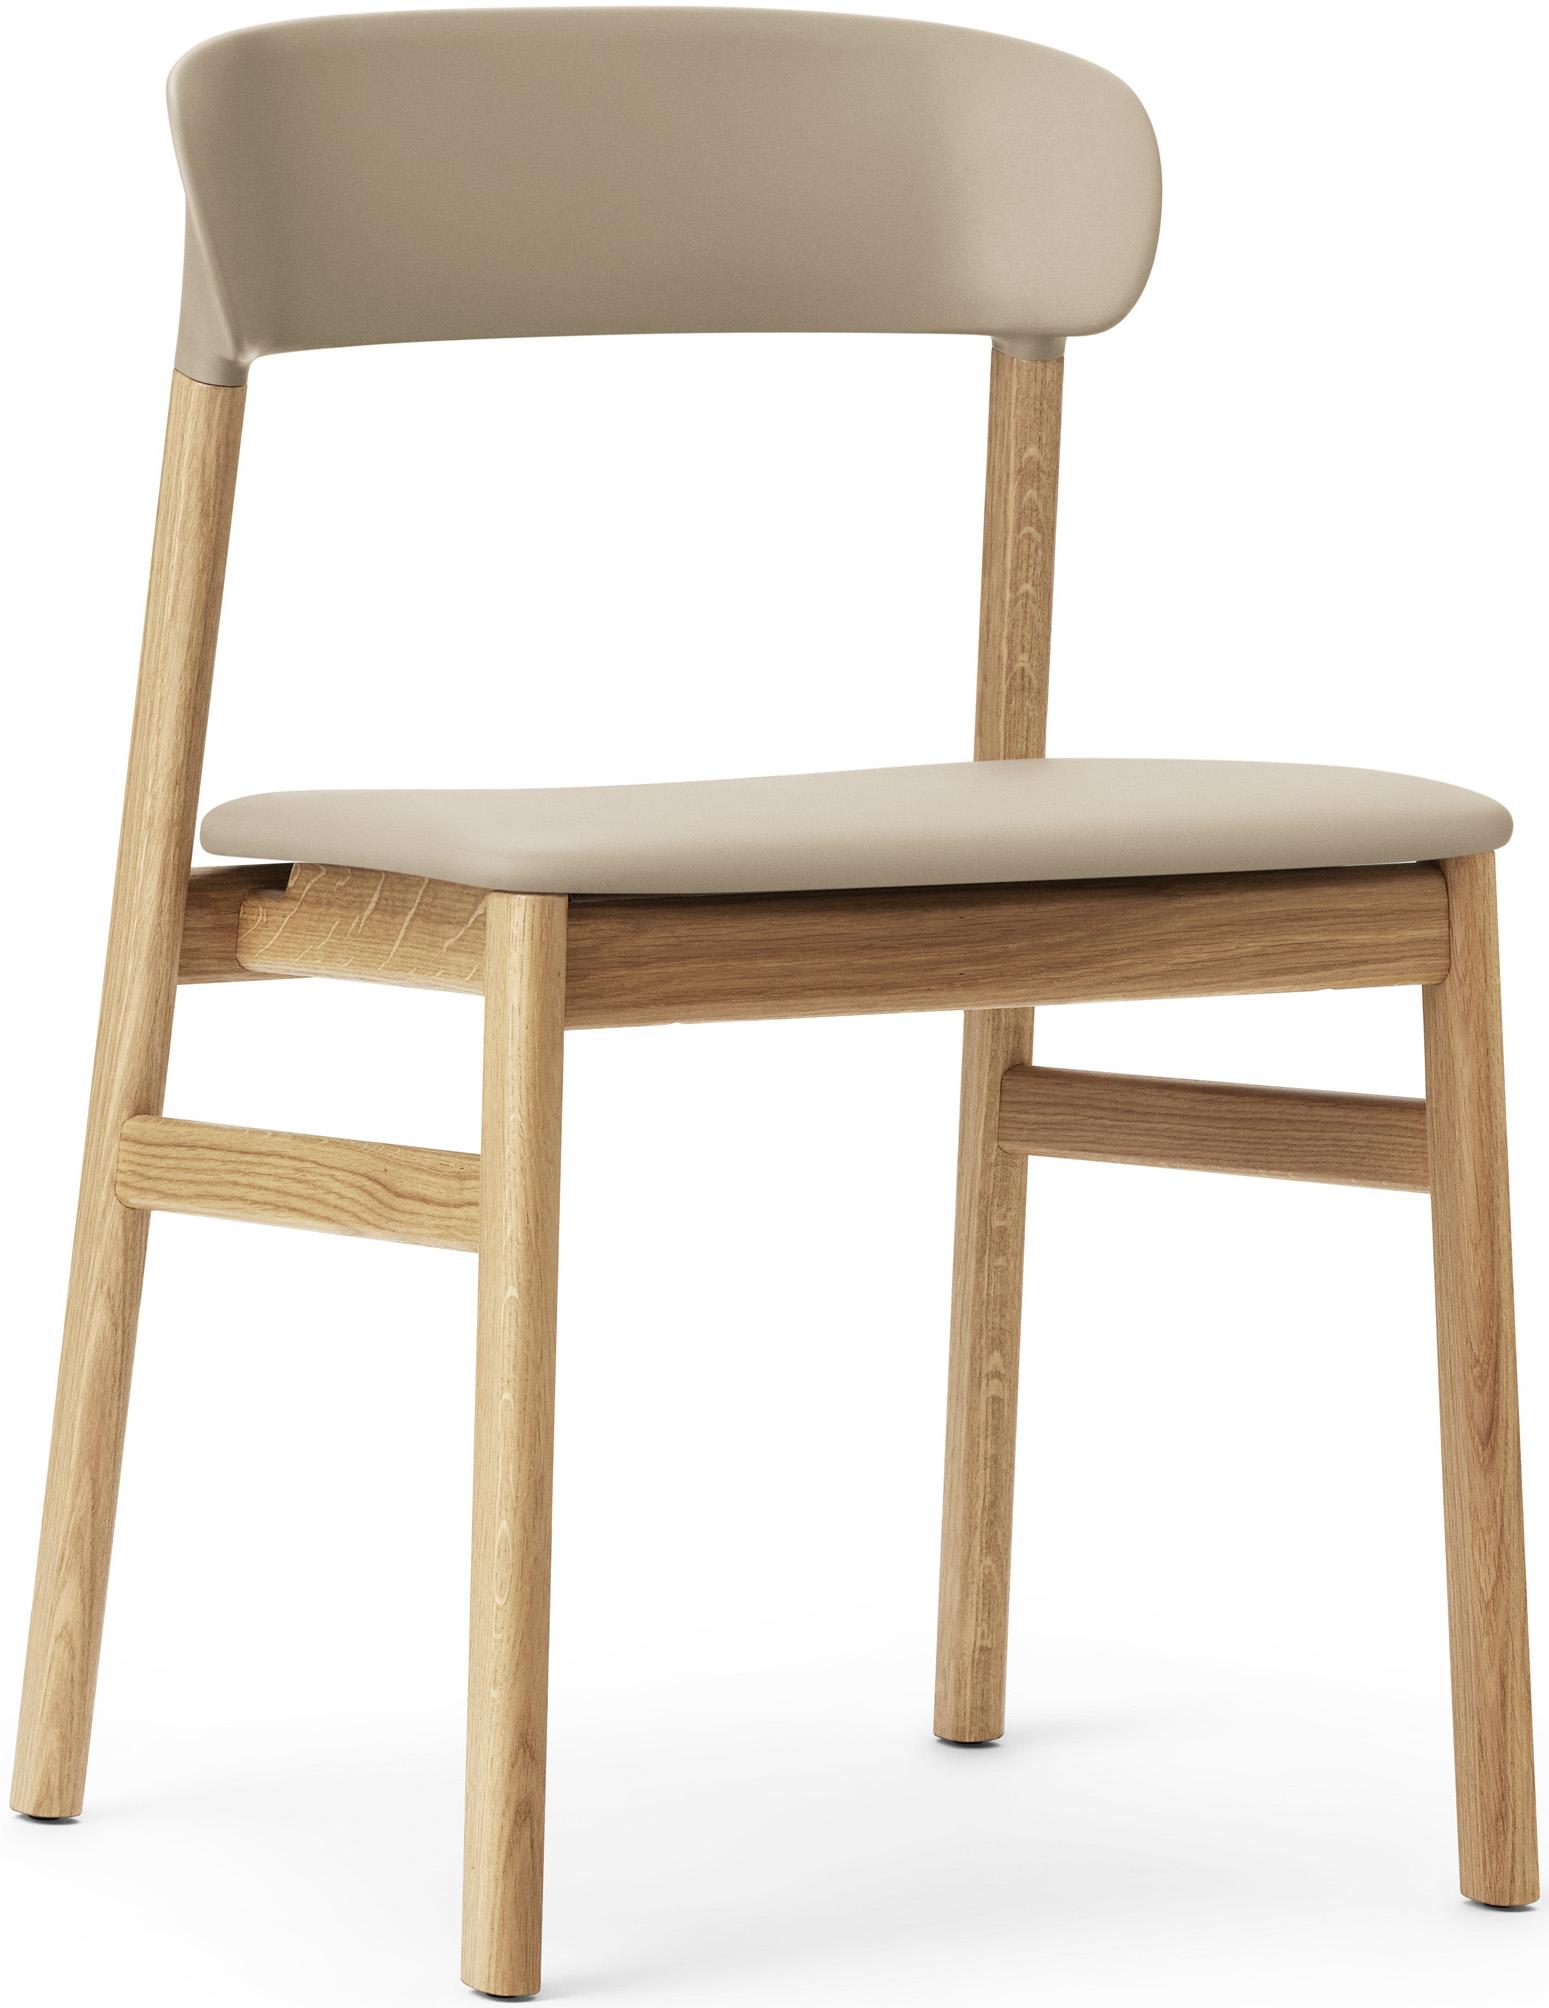 Legald2018 – – Normann chaise Herit Copenhagen design Simon 7fYbgy6v